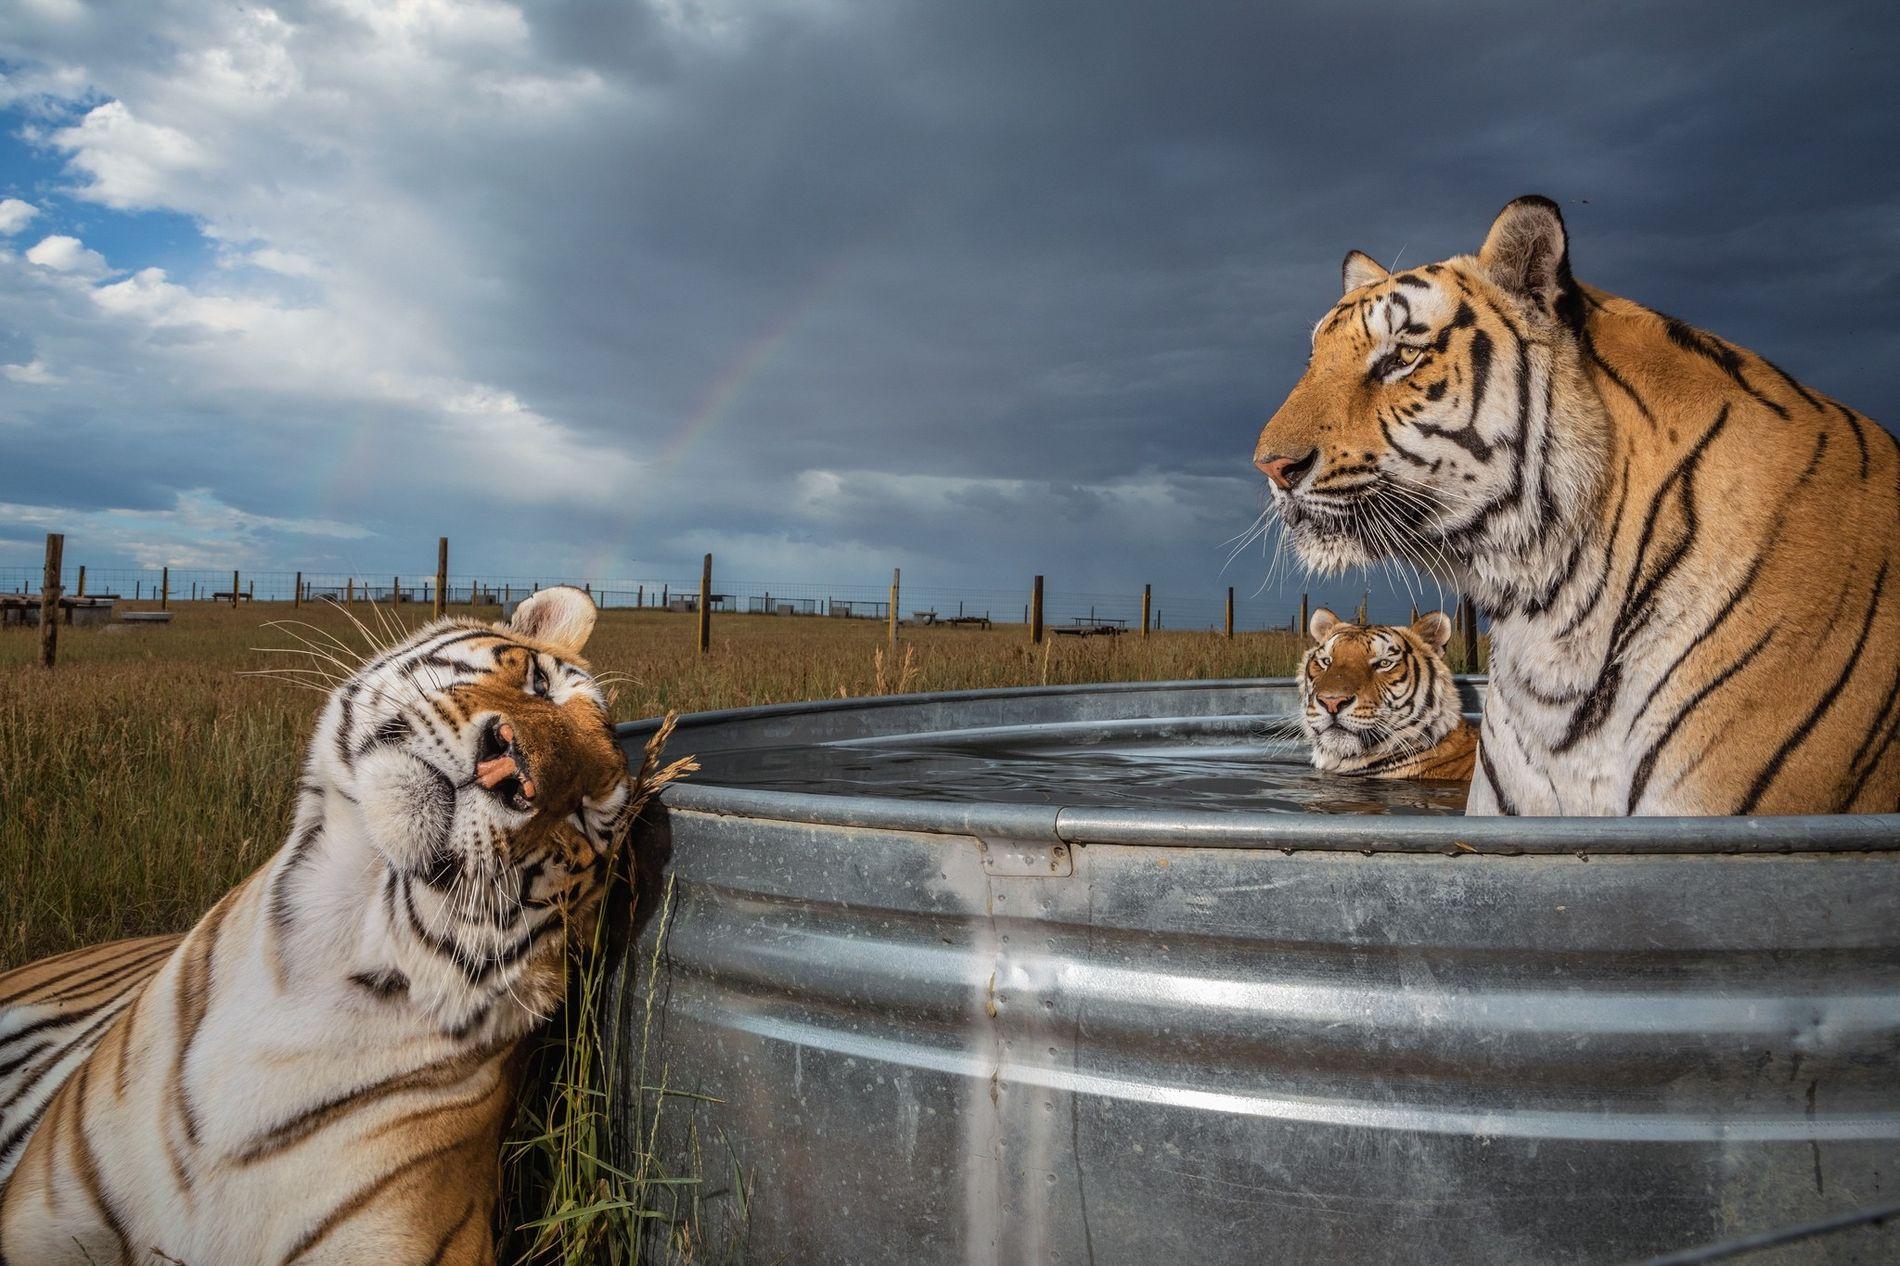 Tigres rescatados